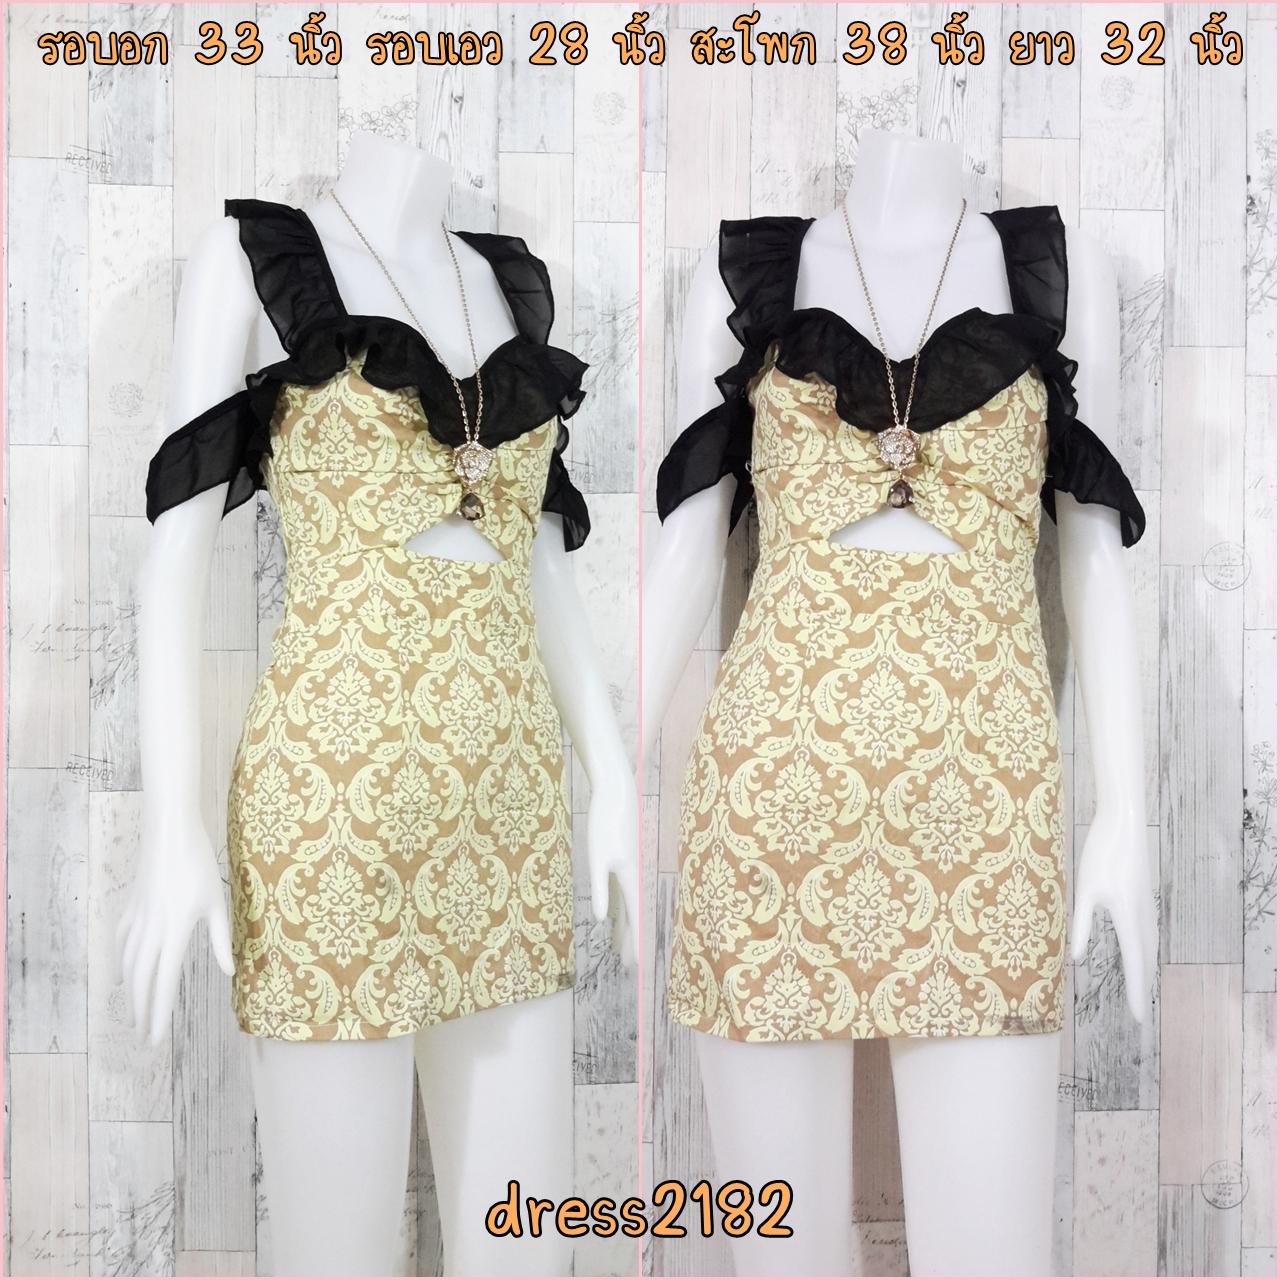 Dress2182 เดรสแฟชั่นเปิดไหล่แขนระบายชีฟองดำ ซิปหลัง ผ้ายีนส์สกินนี่ลายดอกไม้วินเทจ โทนสีน้ำตาลพาสเทลเหลือง